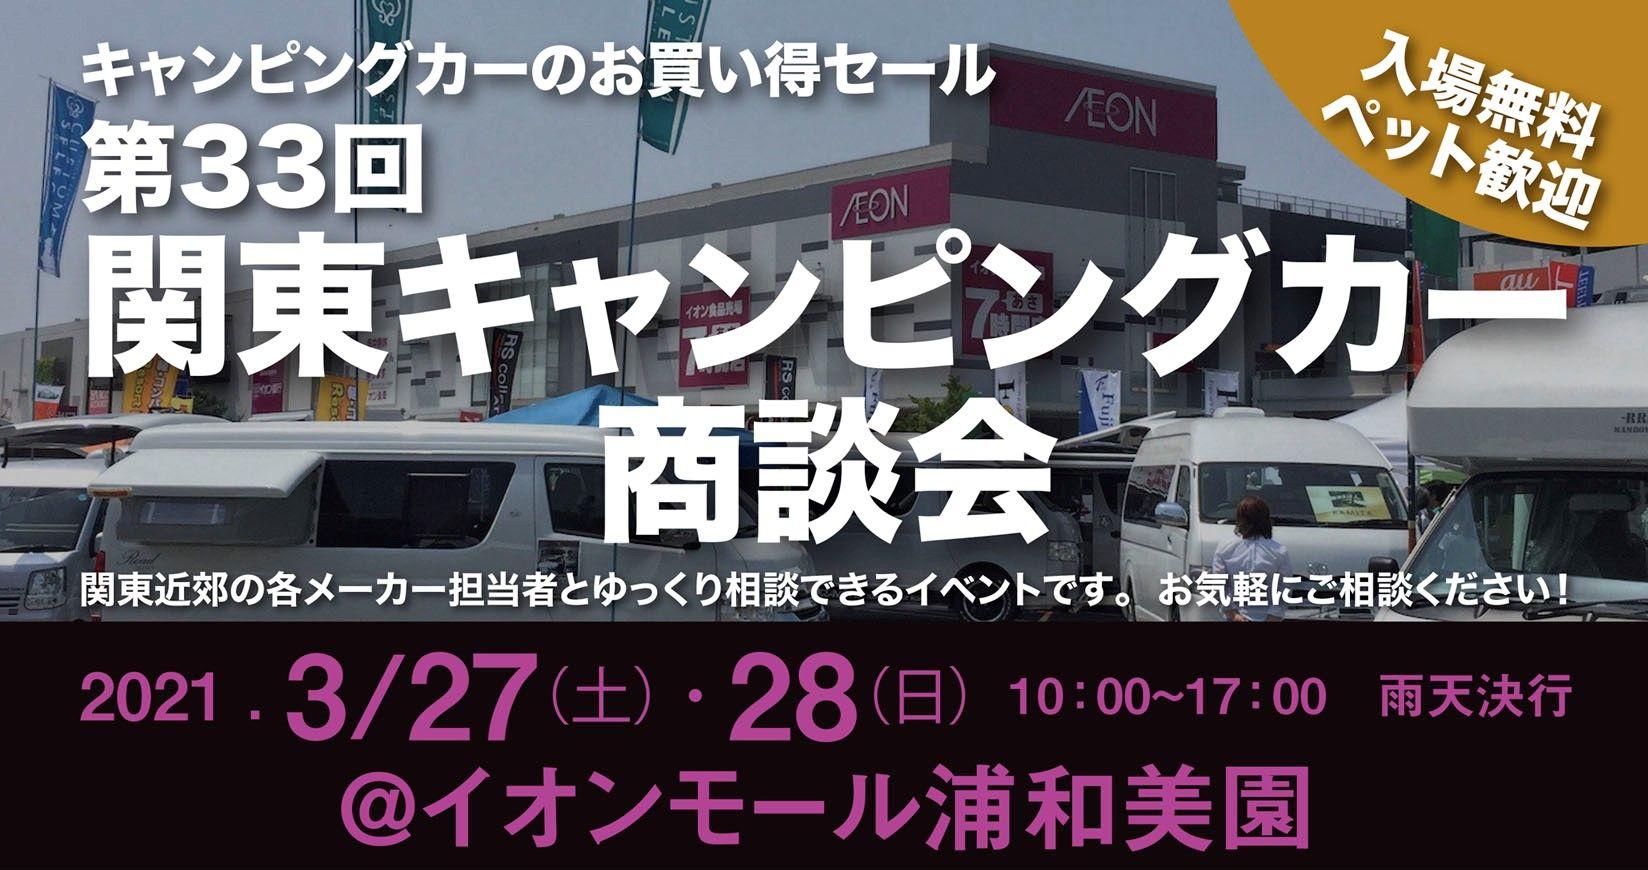 関東キャンピングカー商談会迫る!